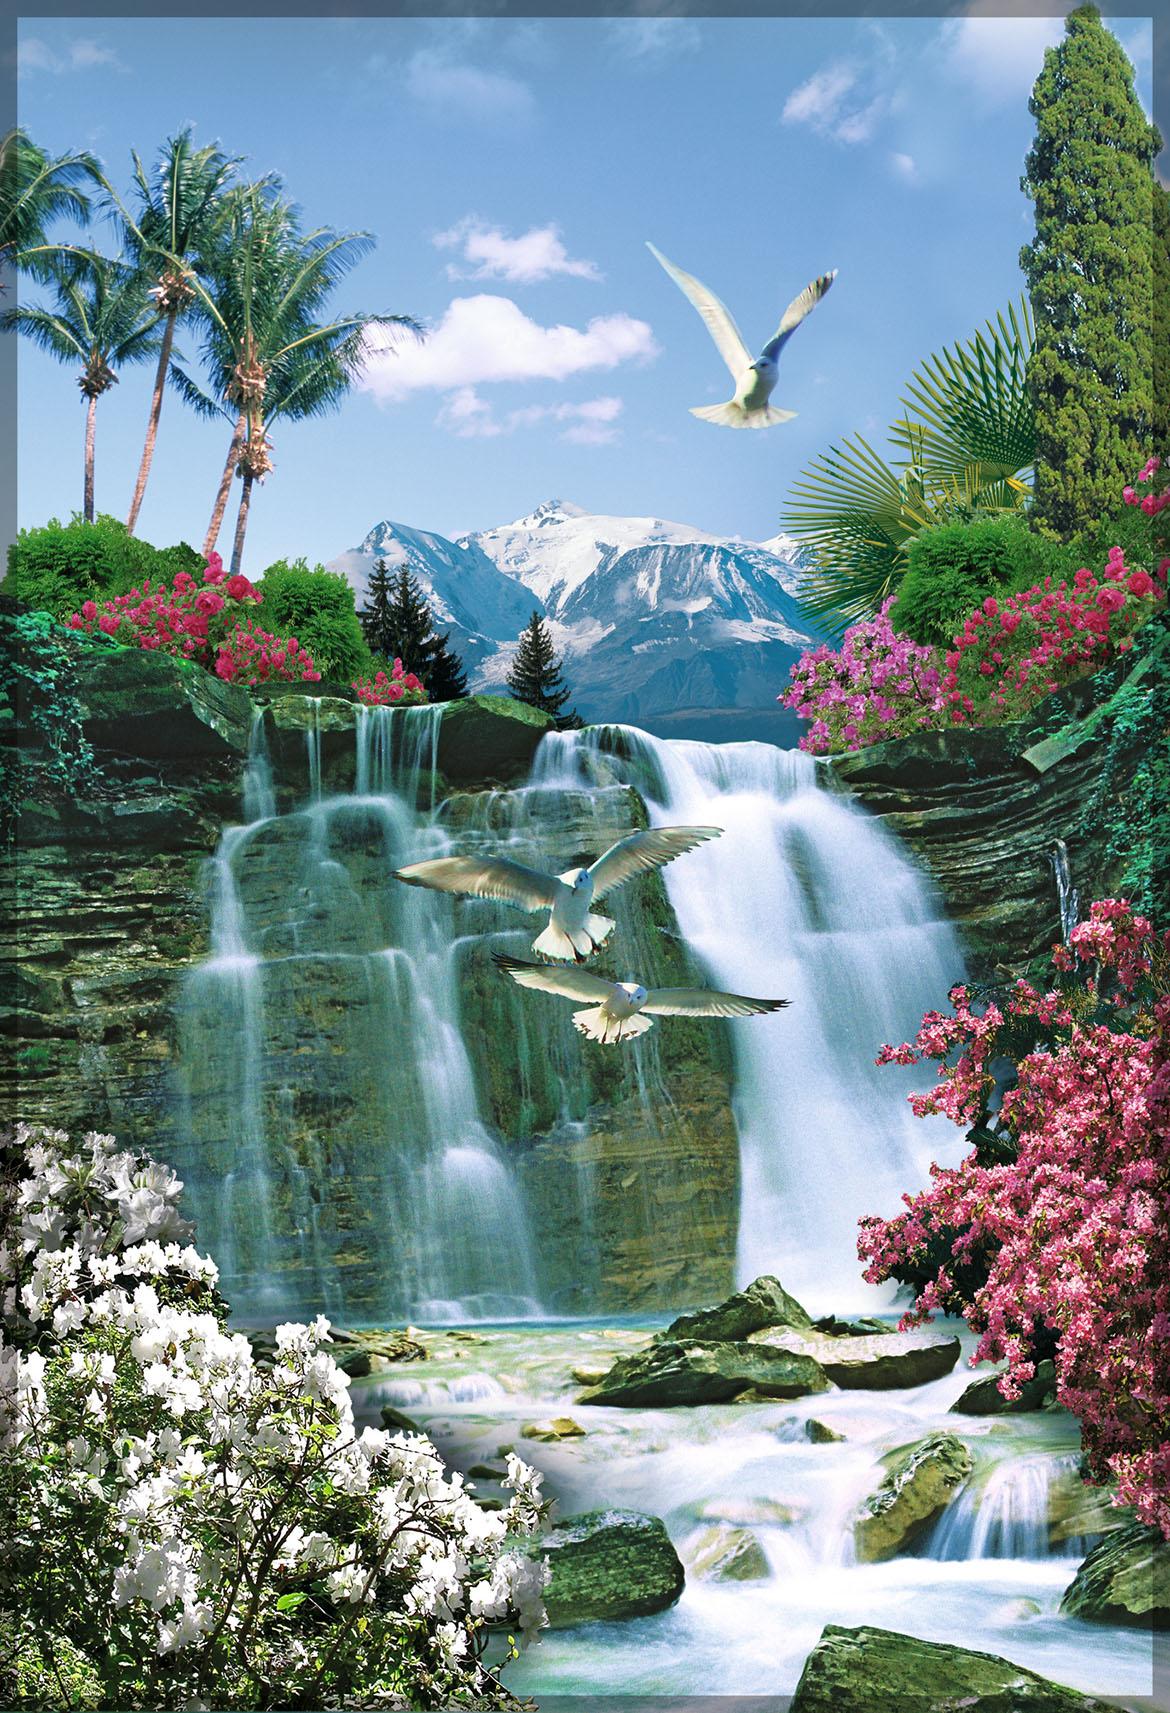 тела вкусовые какие фотообои лучше по феншую водопады природа иллюстрированная фото, расскажет